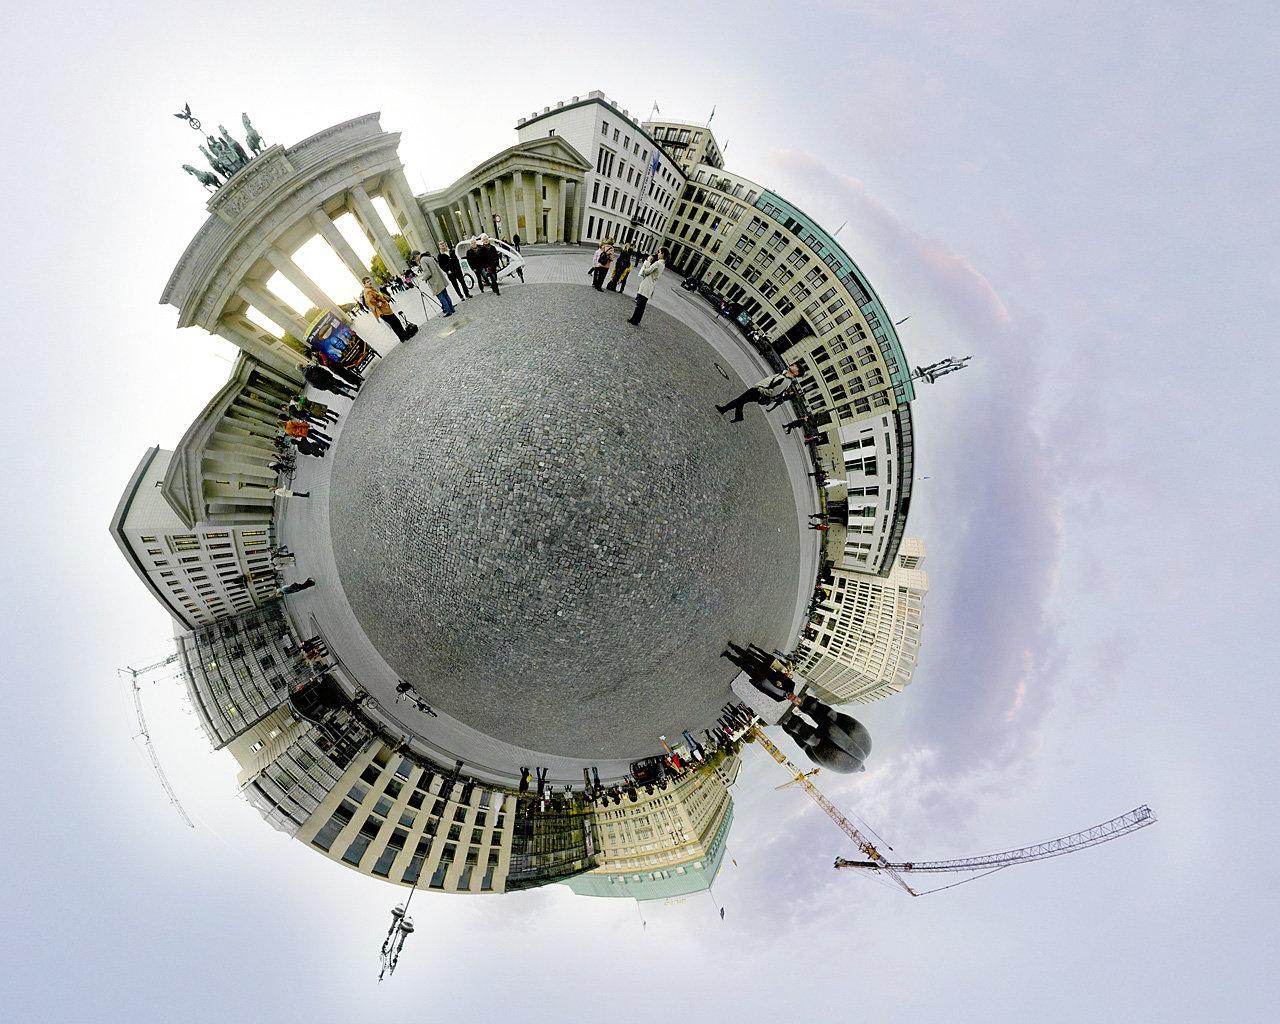 360 camera: Ricoh Theta V cover